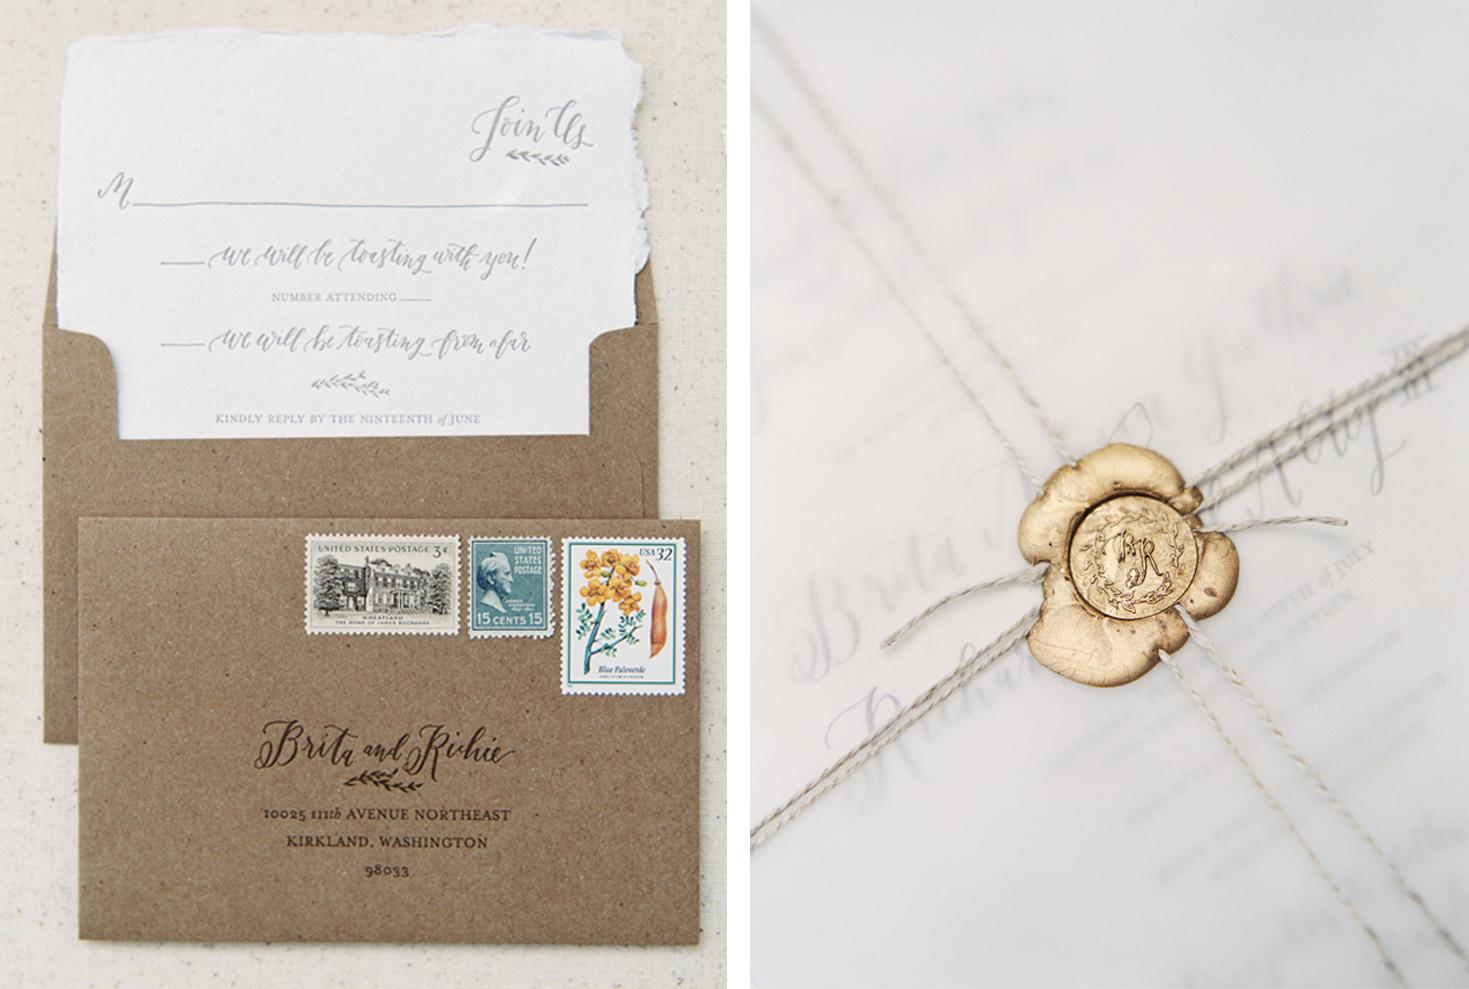 la Happy Design Calligraphy and Letterpress Printed Invitation Set